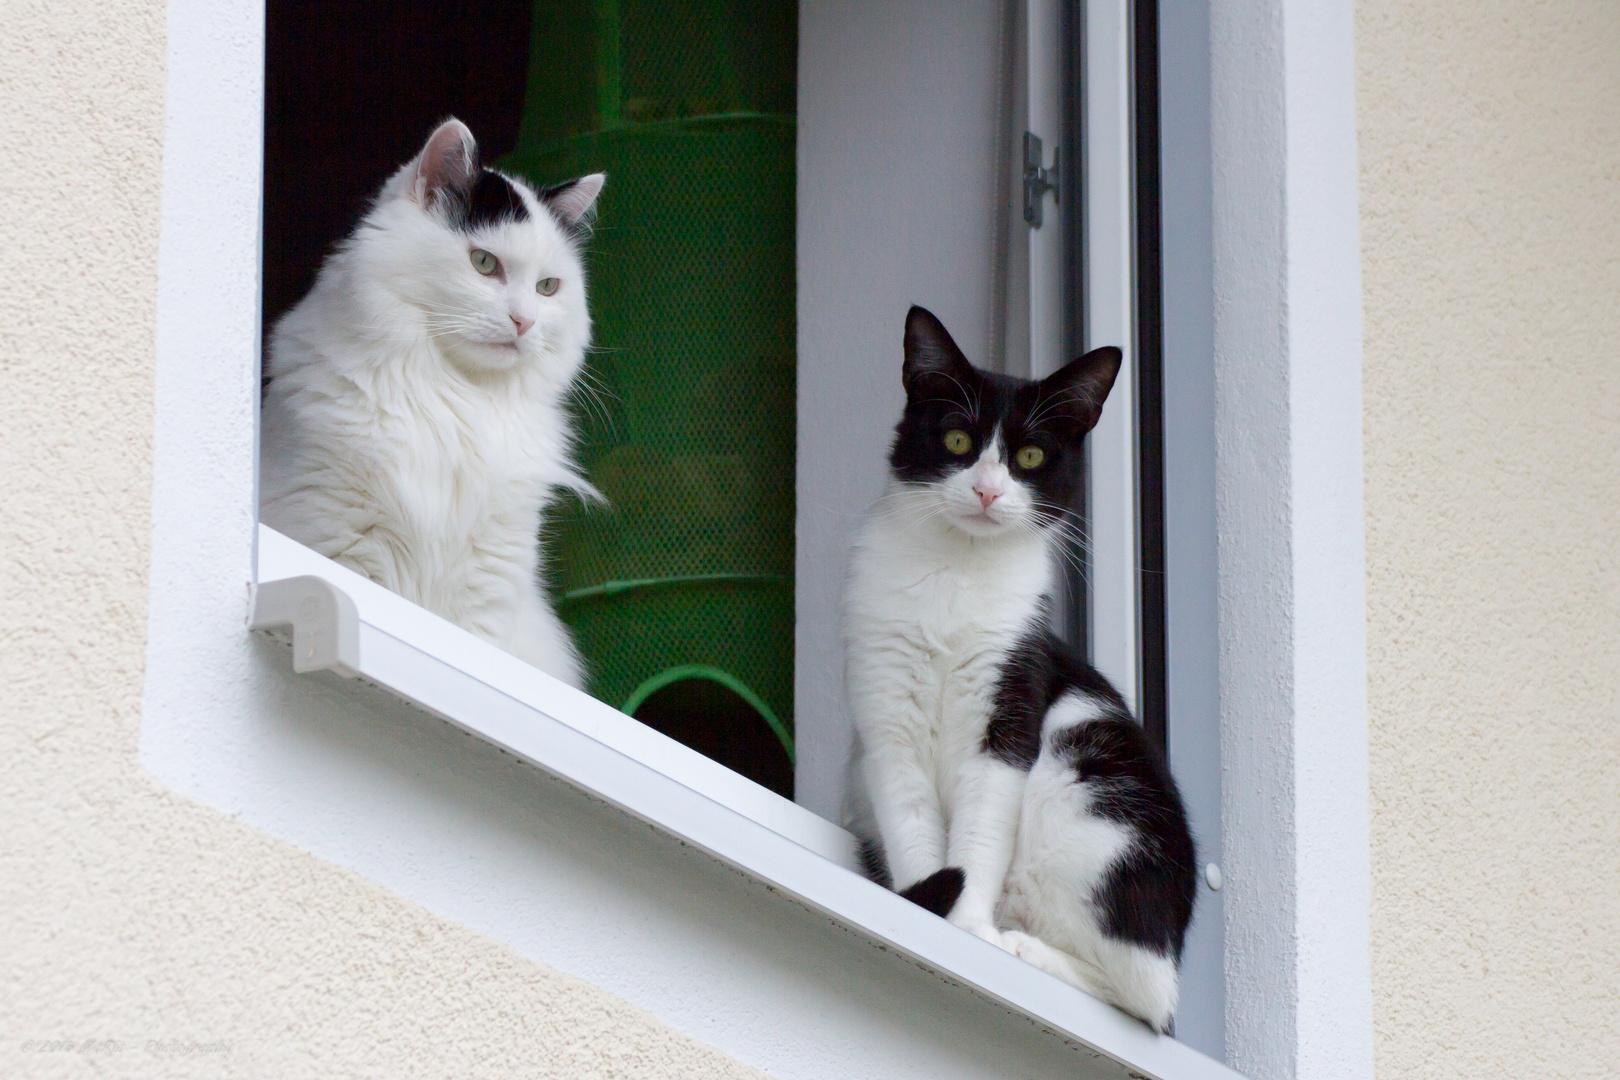 Aufmerksame Beobachter